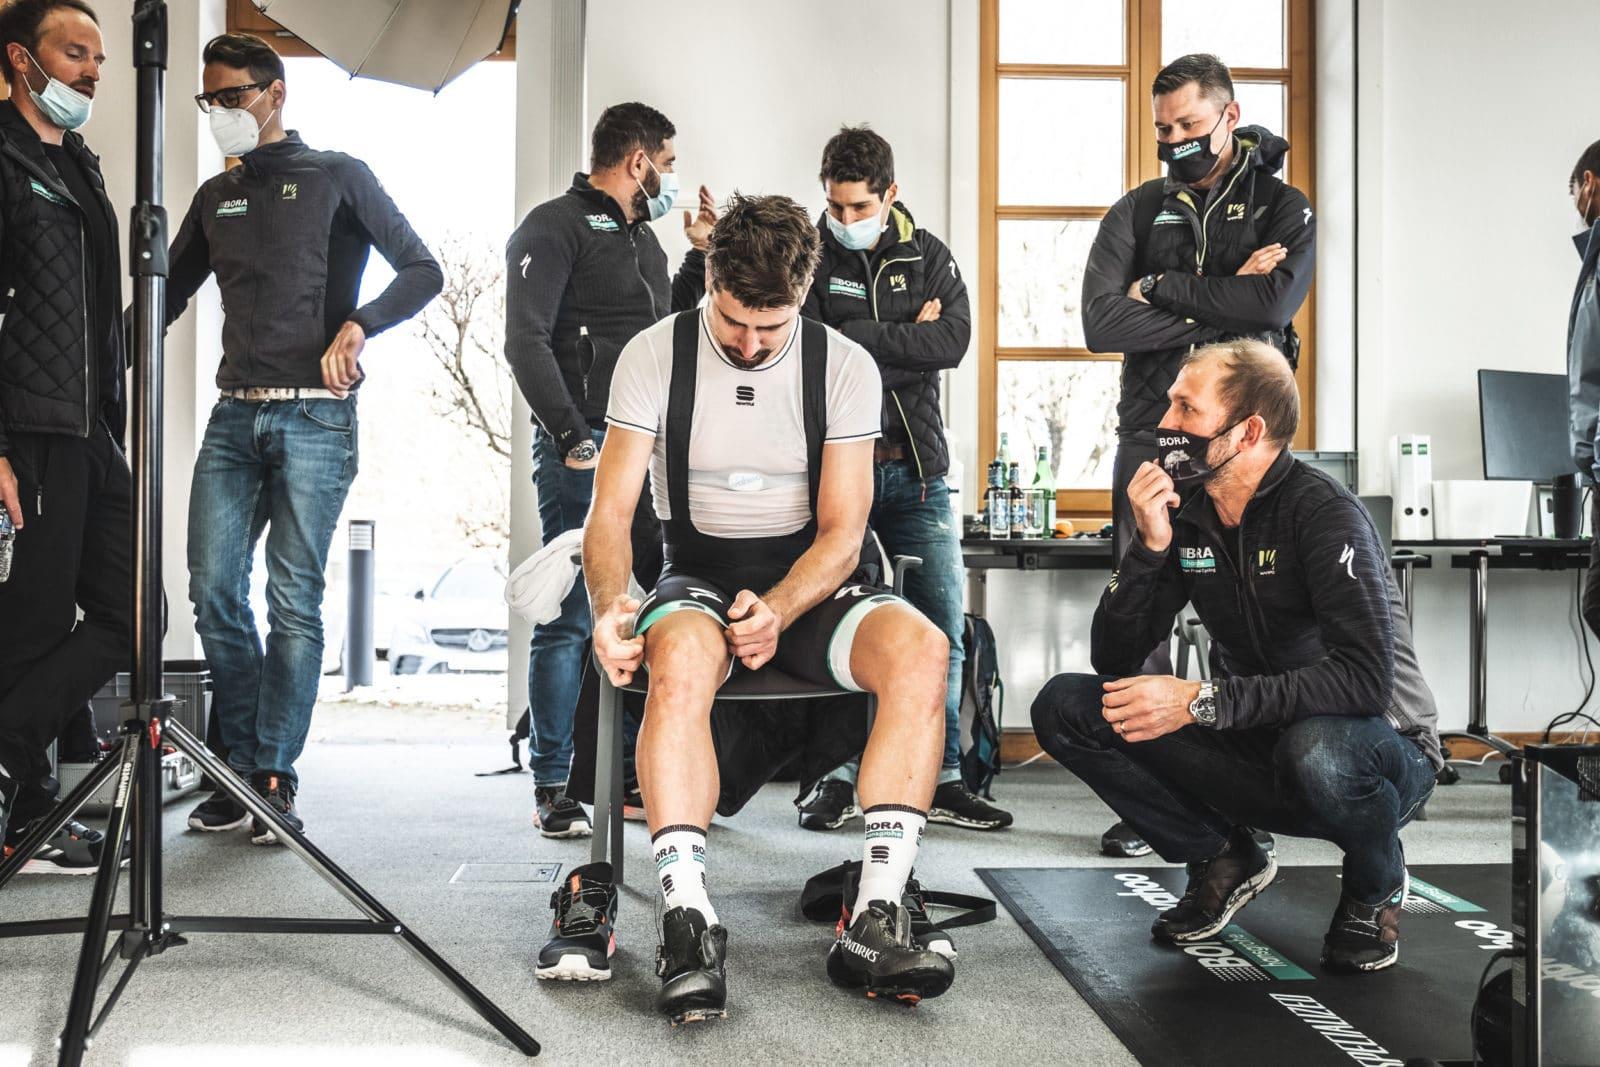 Sitzender Mann in Radsportkleidung bereitet sich auf seinen medizinischen Check vor